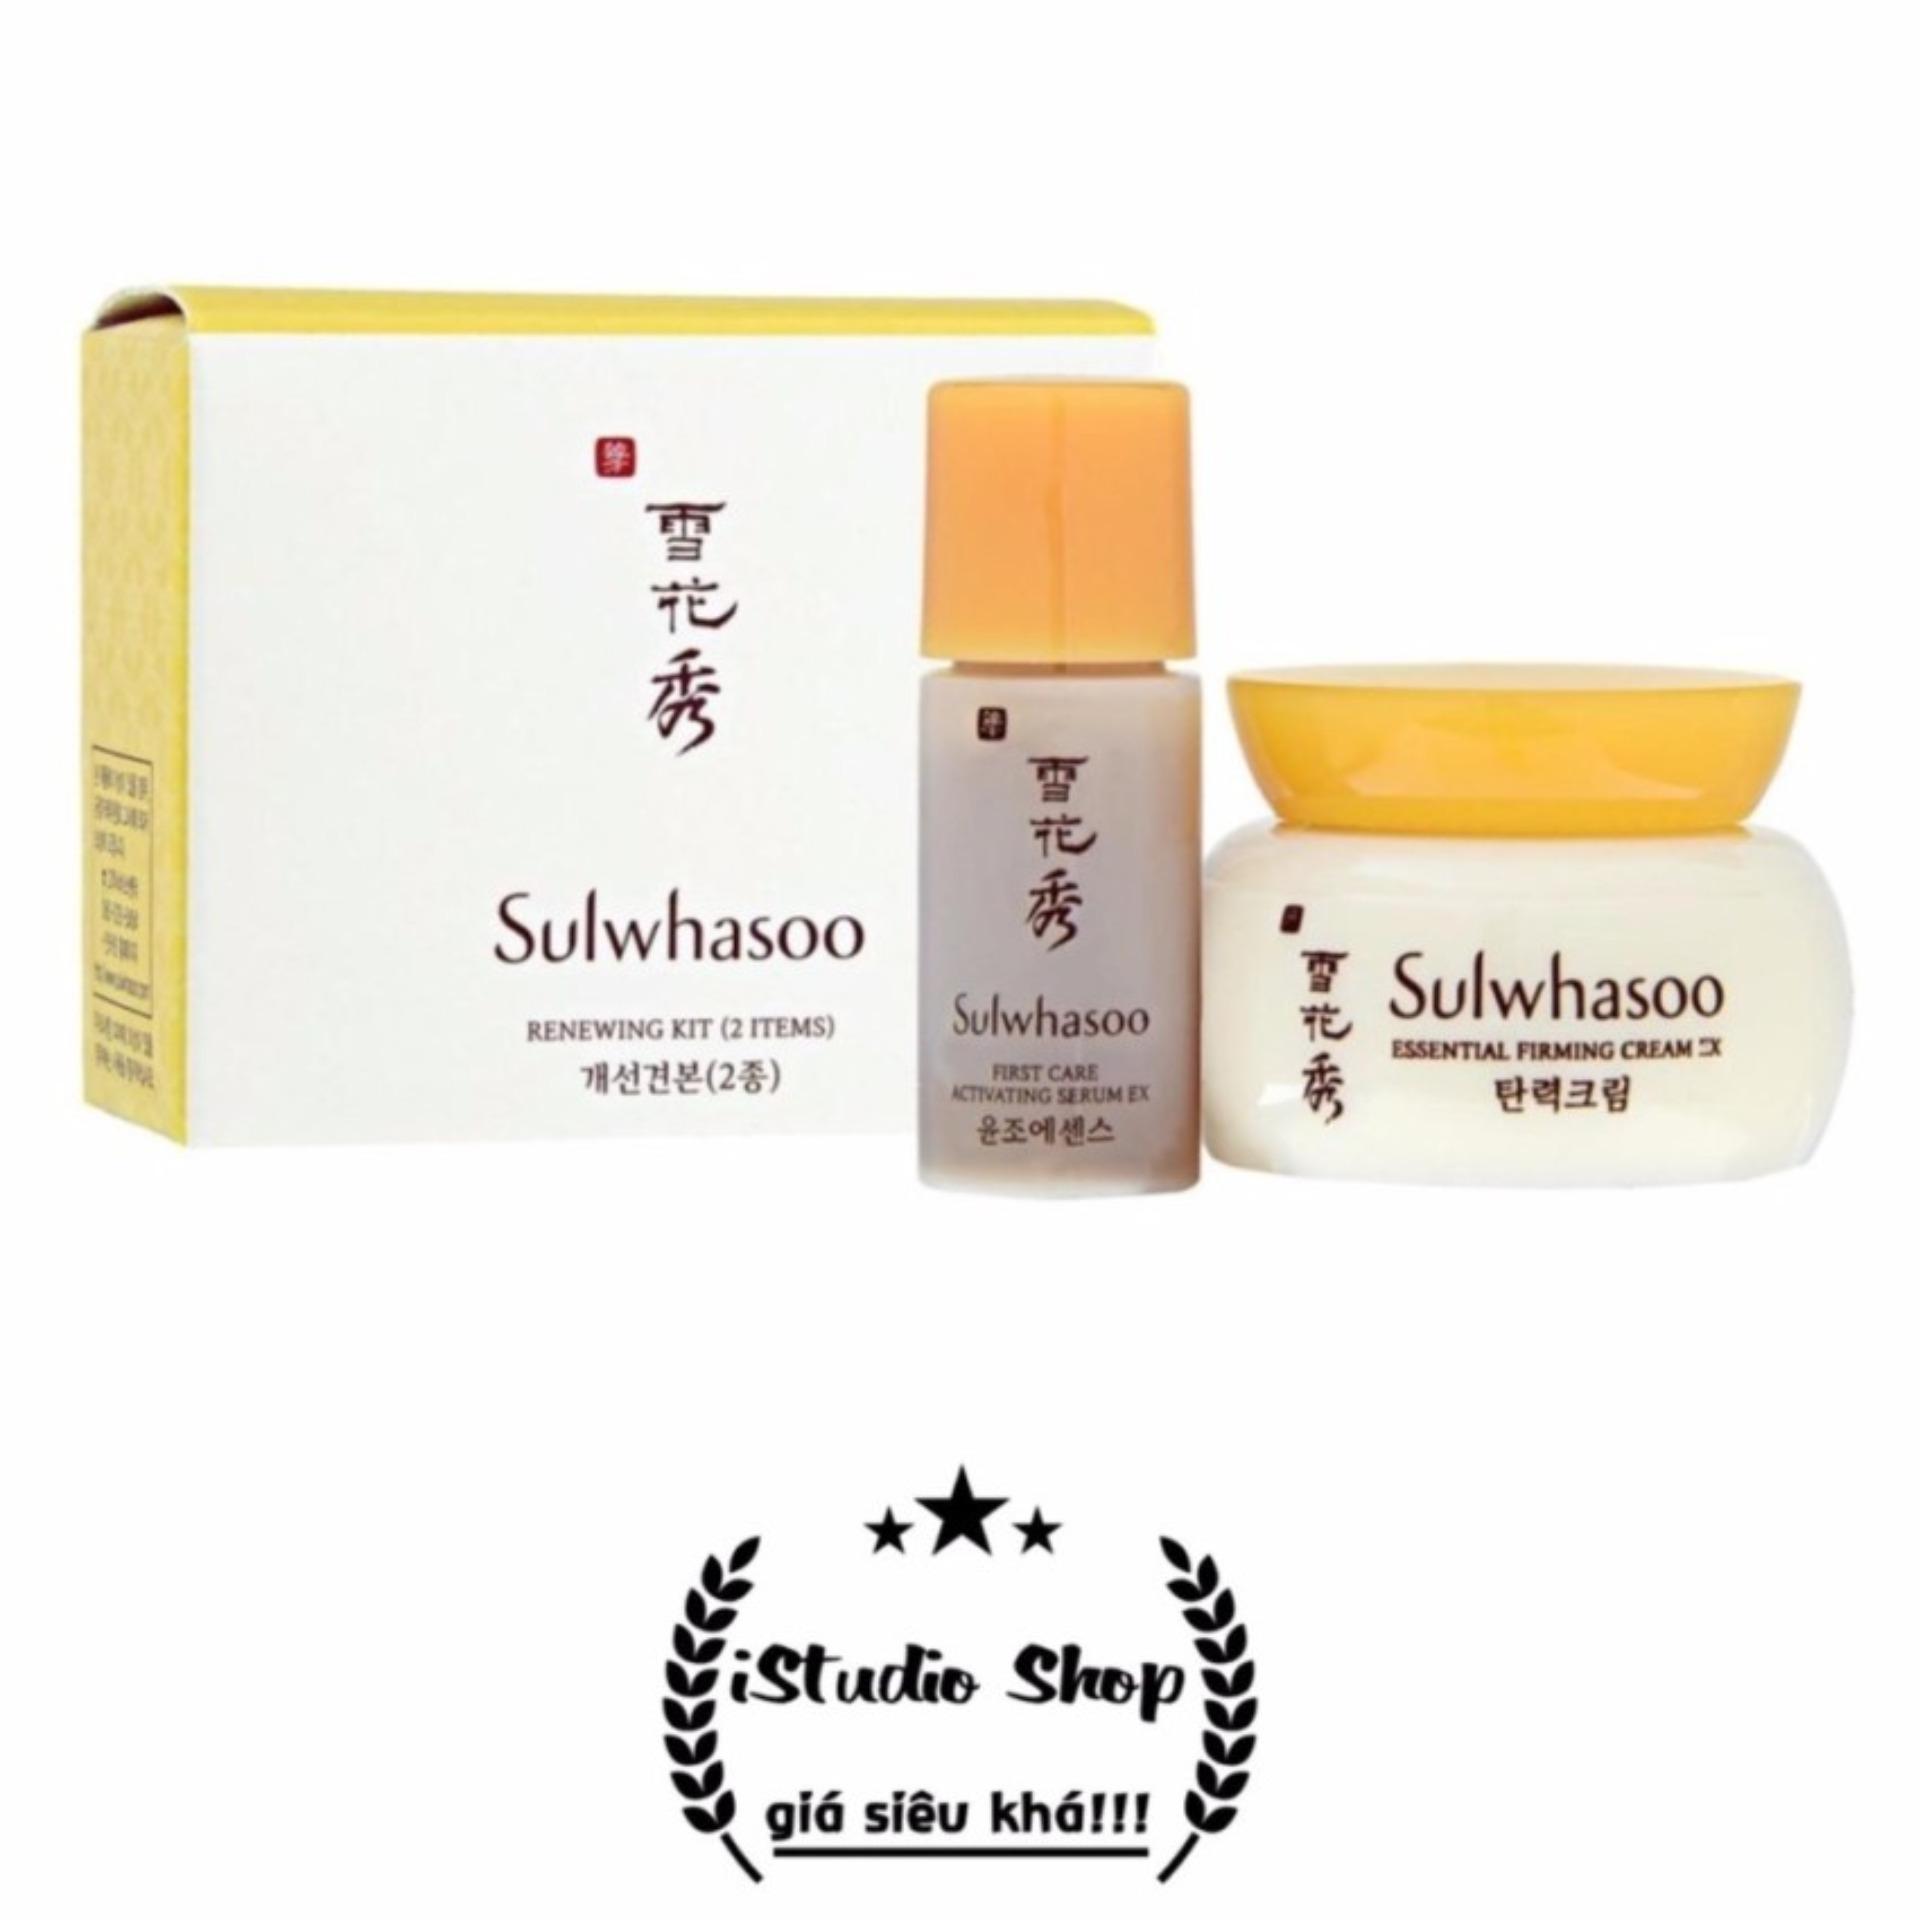 Bộ chăm sóc, tái tạo da và bổ sung độ ẩm cao cấp Sulwhasoo renewing kit (2 sản phẩm) – Hàng nhập khẩu